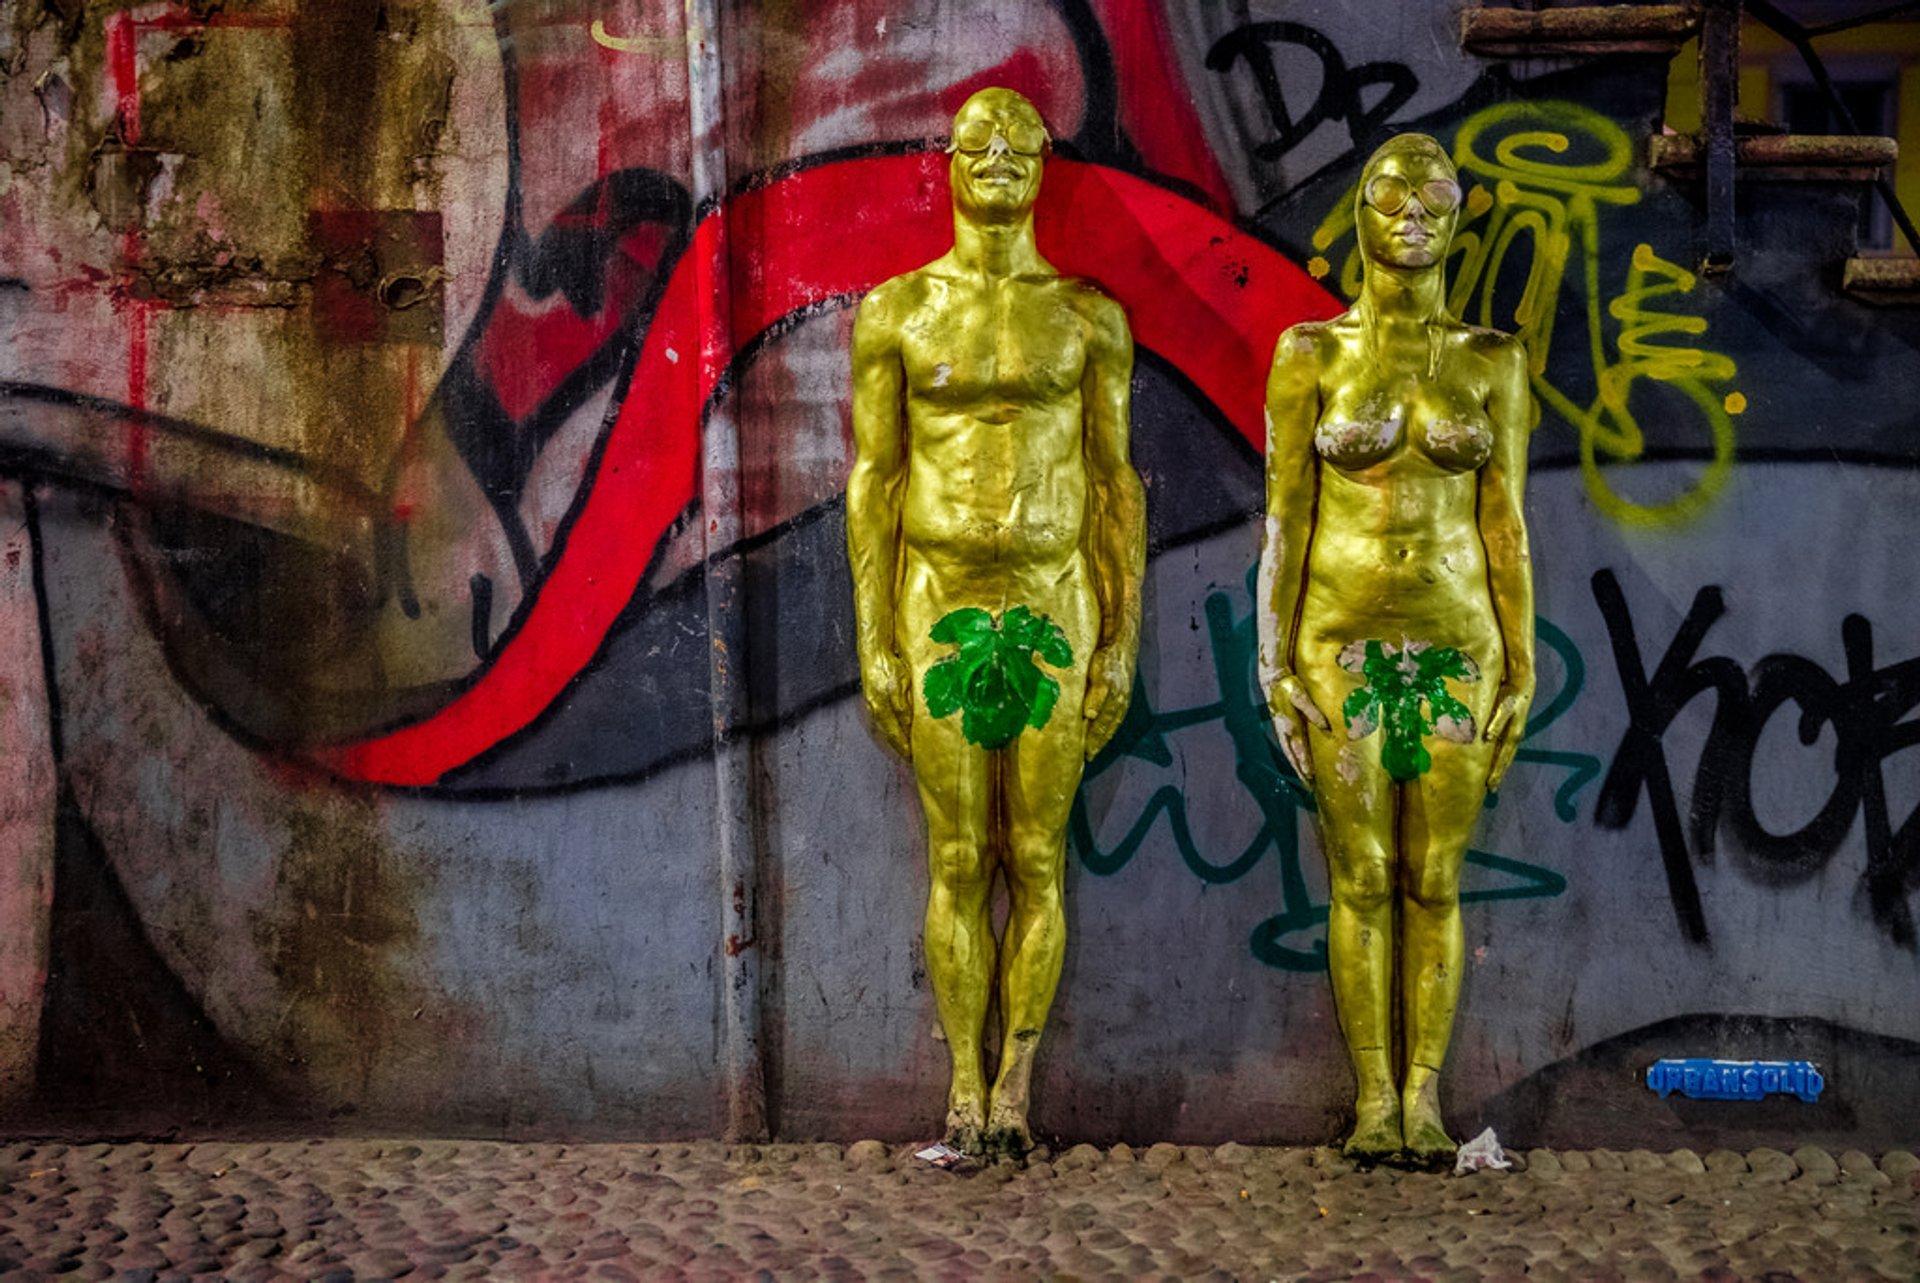 Best time for Isola Street Art 2020